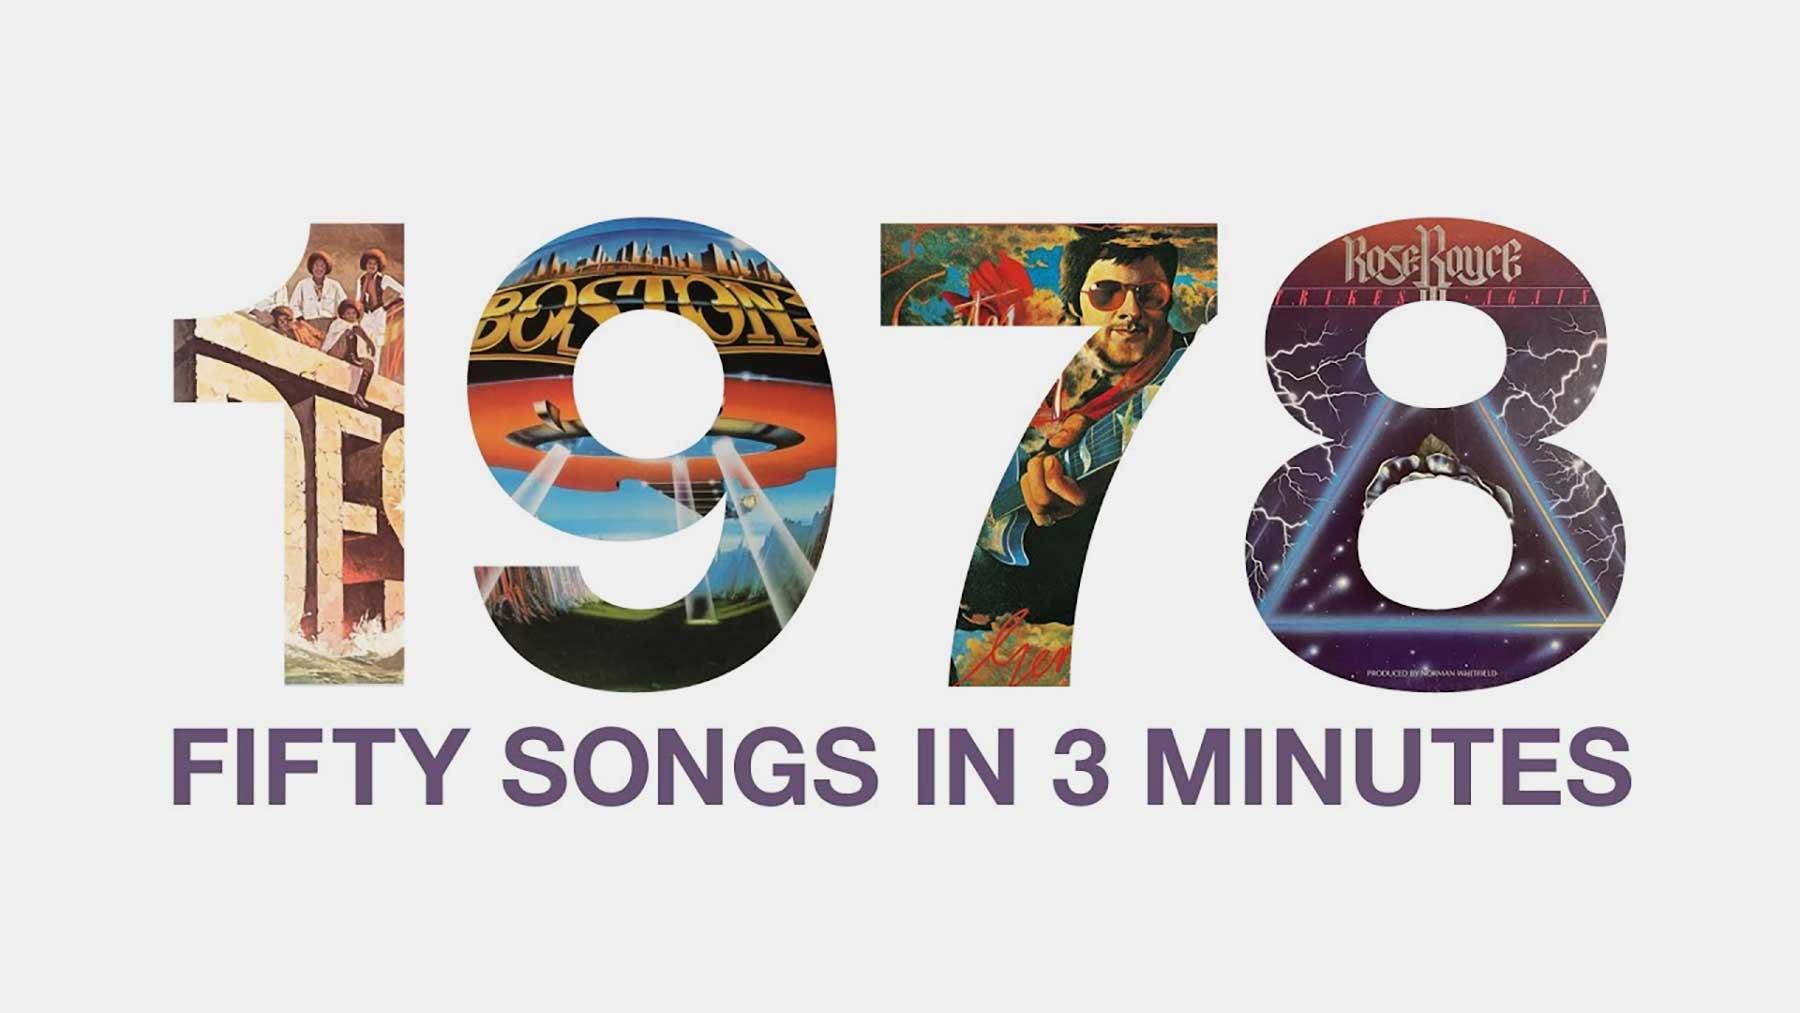 Mashup: Die 50 besten Songs des Jahres 1978 im 3-Minuten-Mix